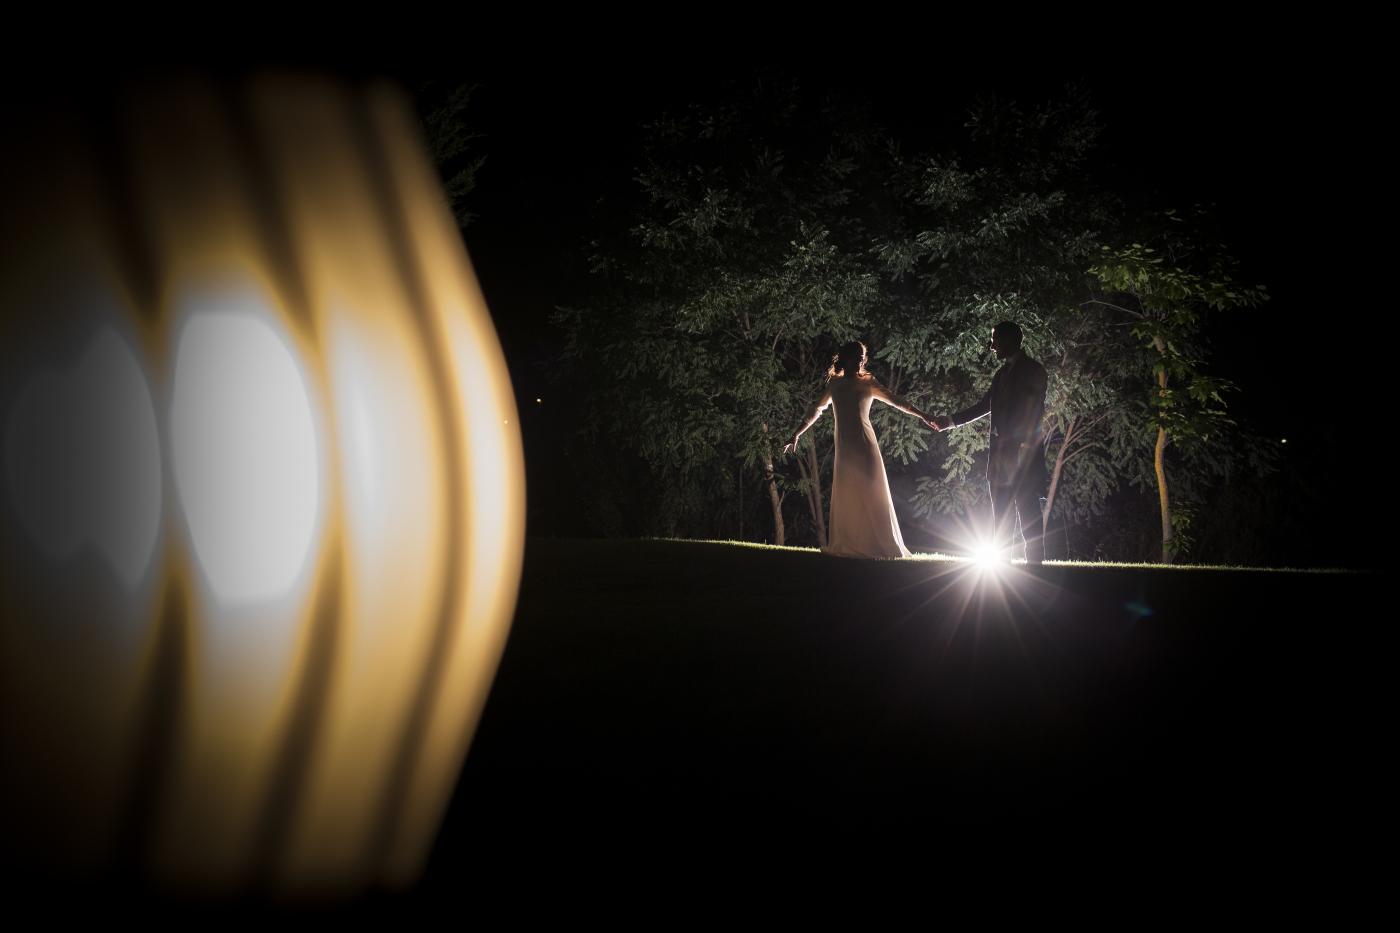 fotografo de boda Jonathan Martín